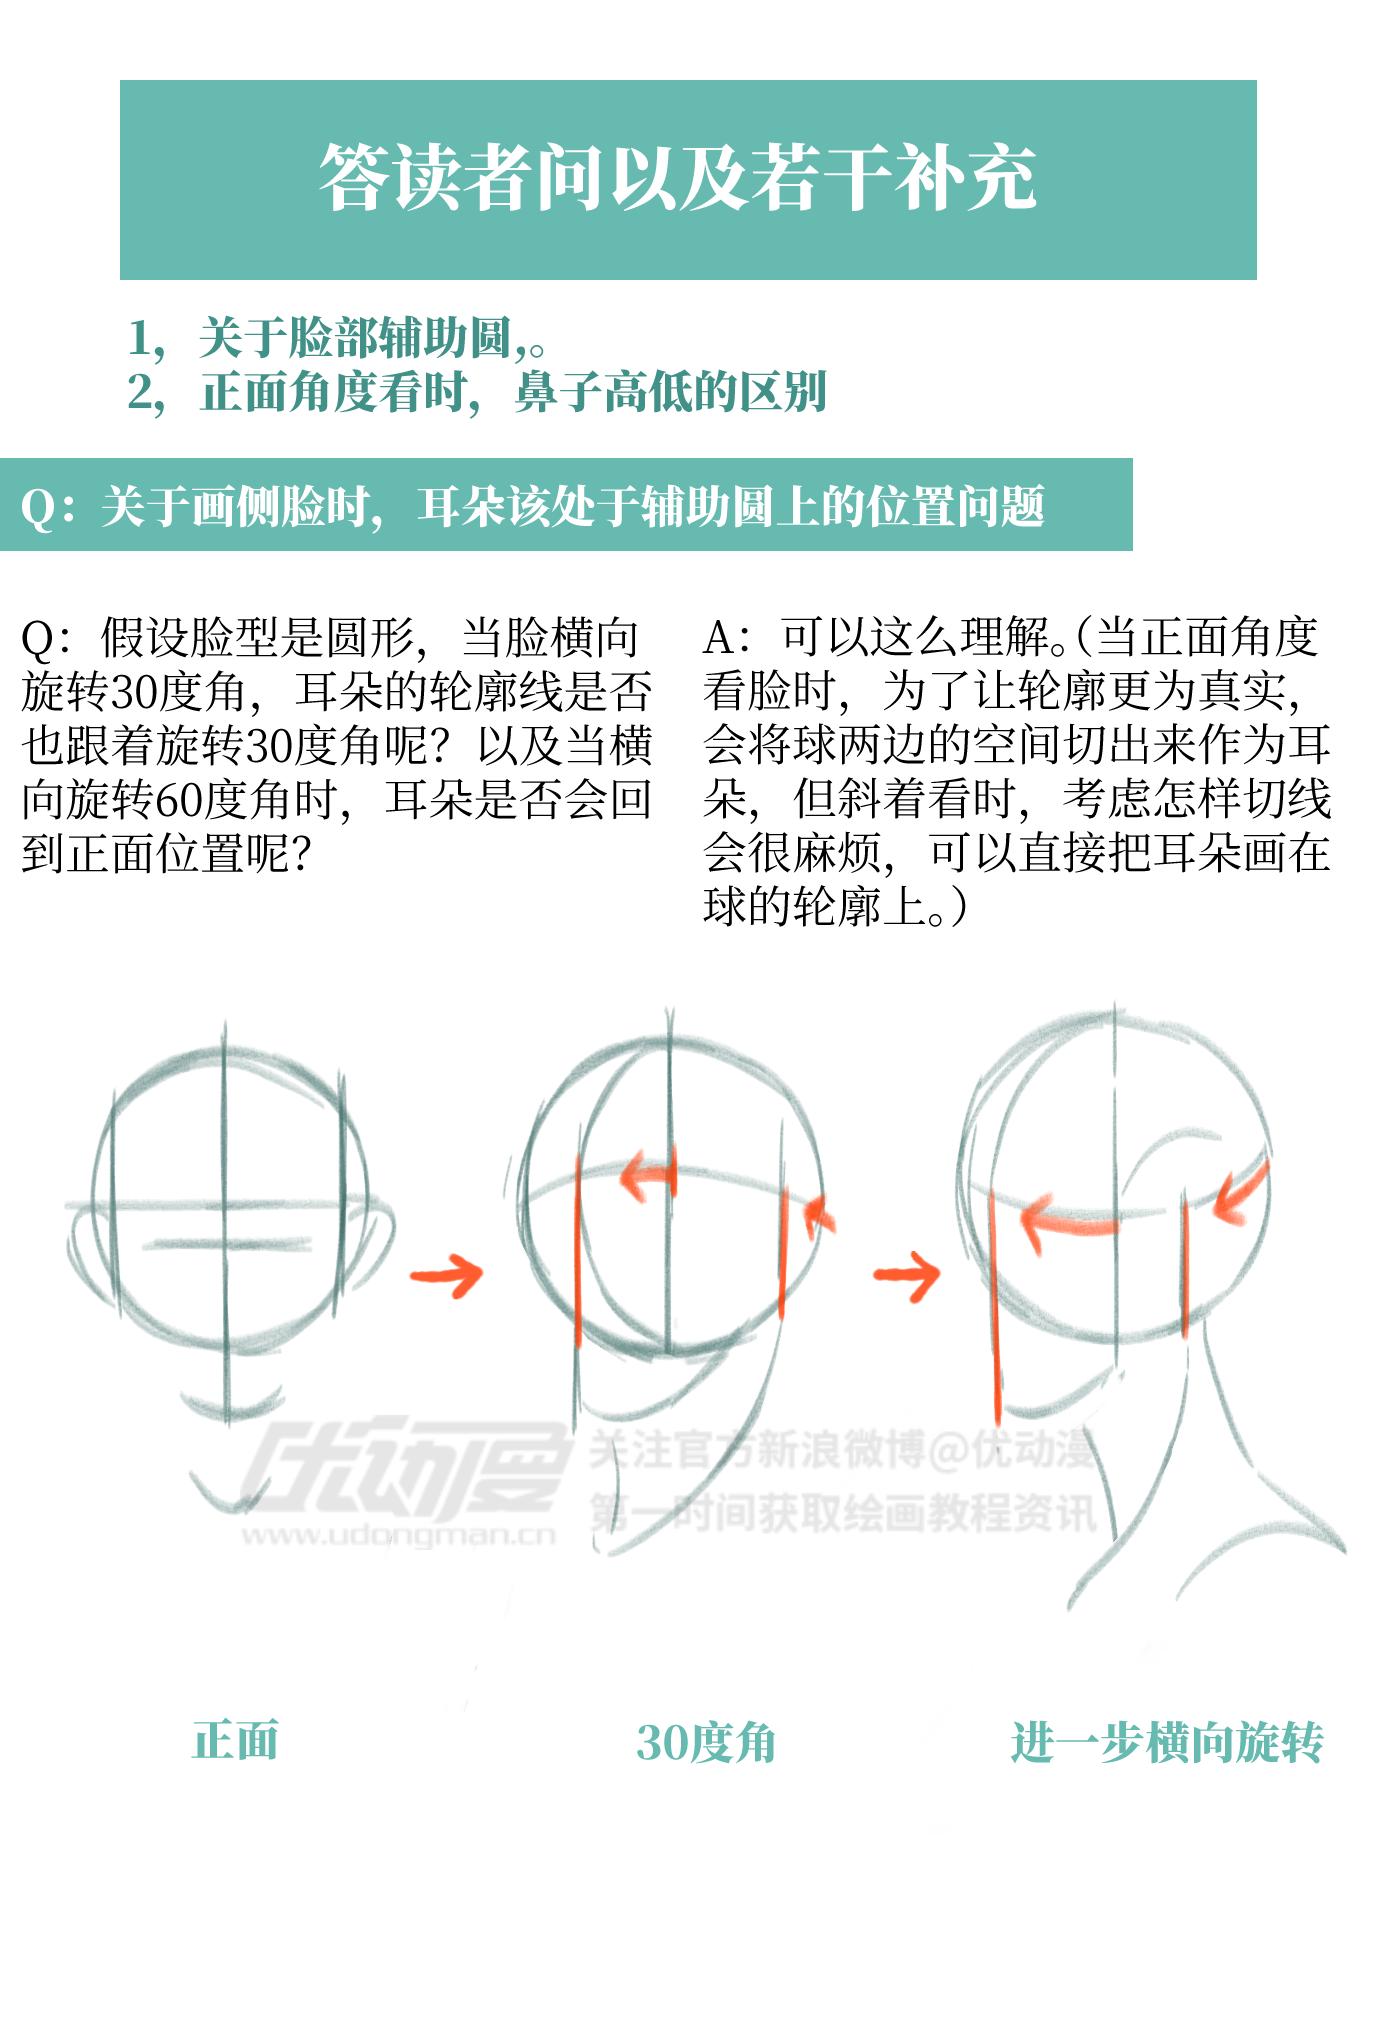 脸部绘制qa1.png